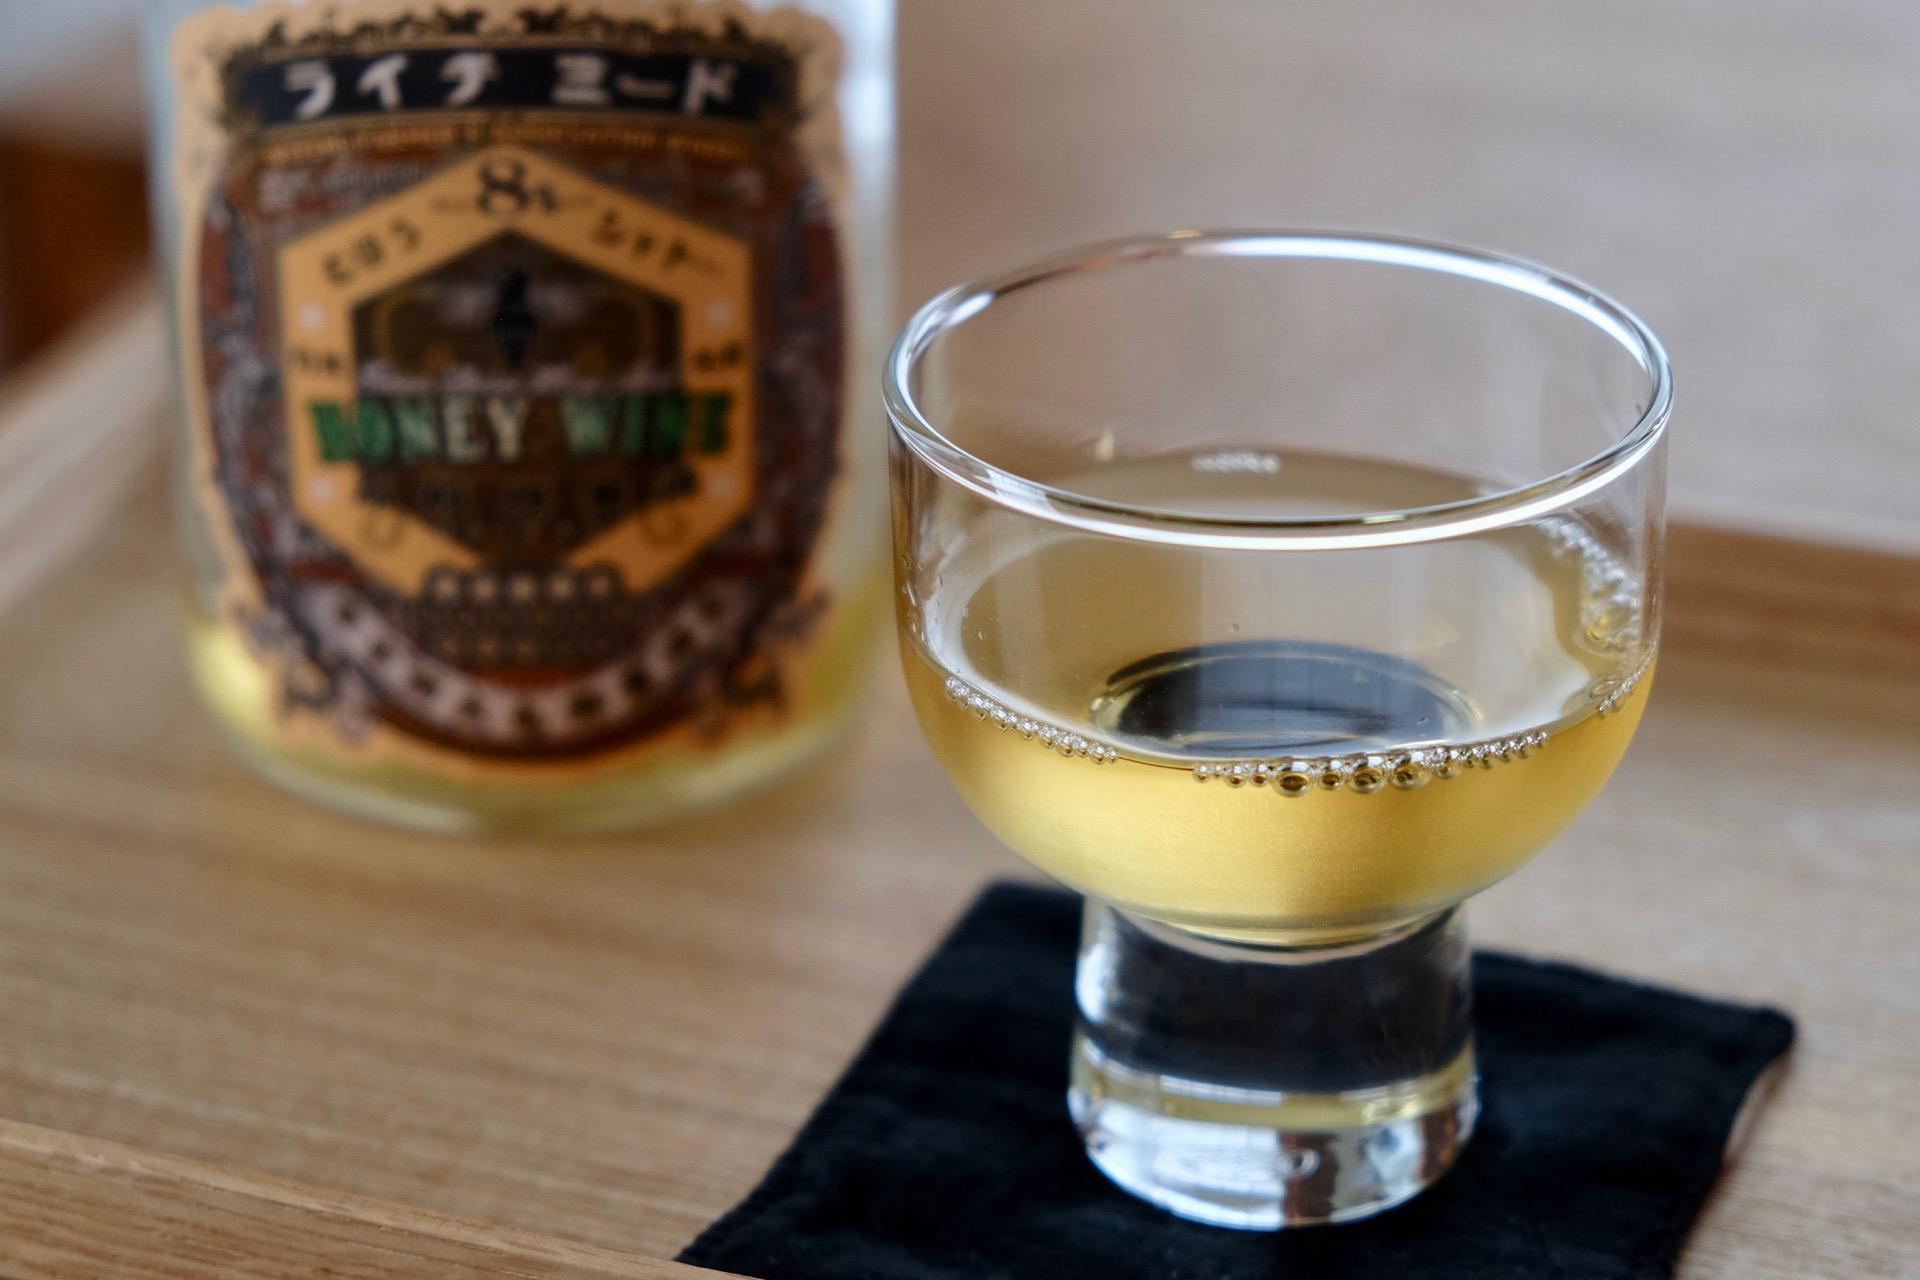 霧峰農會「荔枝蜂蜜酒 ライチミード」 台湾の蜂蜜酒テイスティングノート